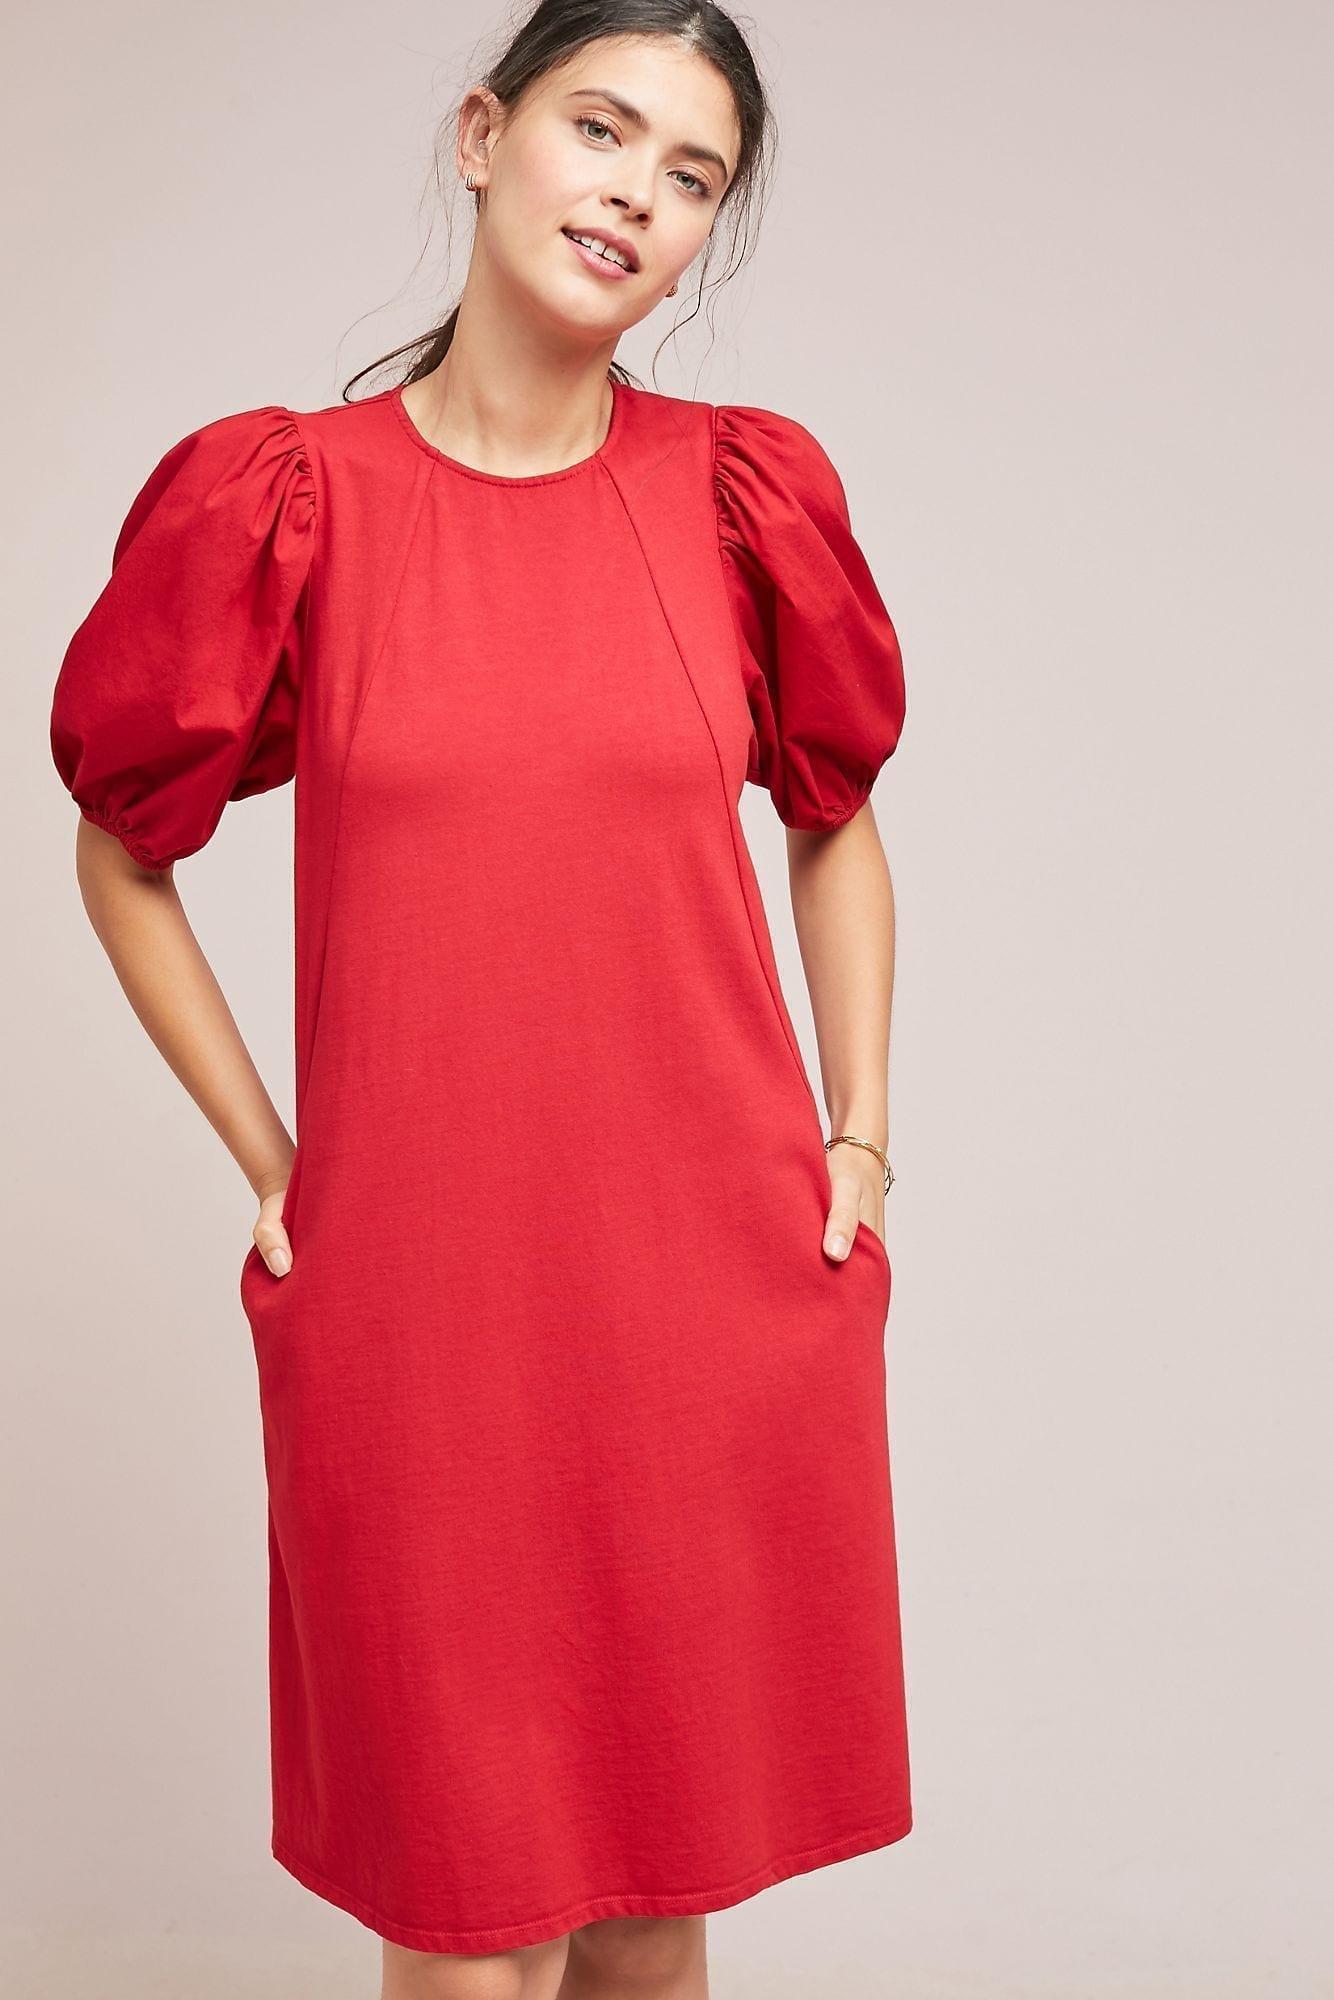 VELVET BY GRAHAM & SPENCER Siami A-Line Red Dress